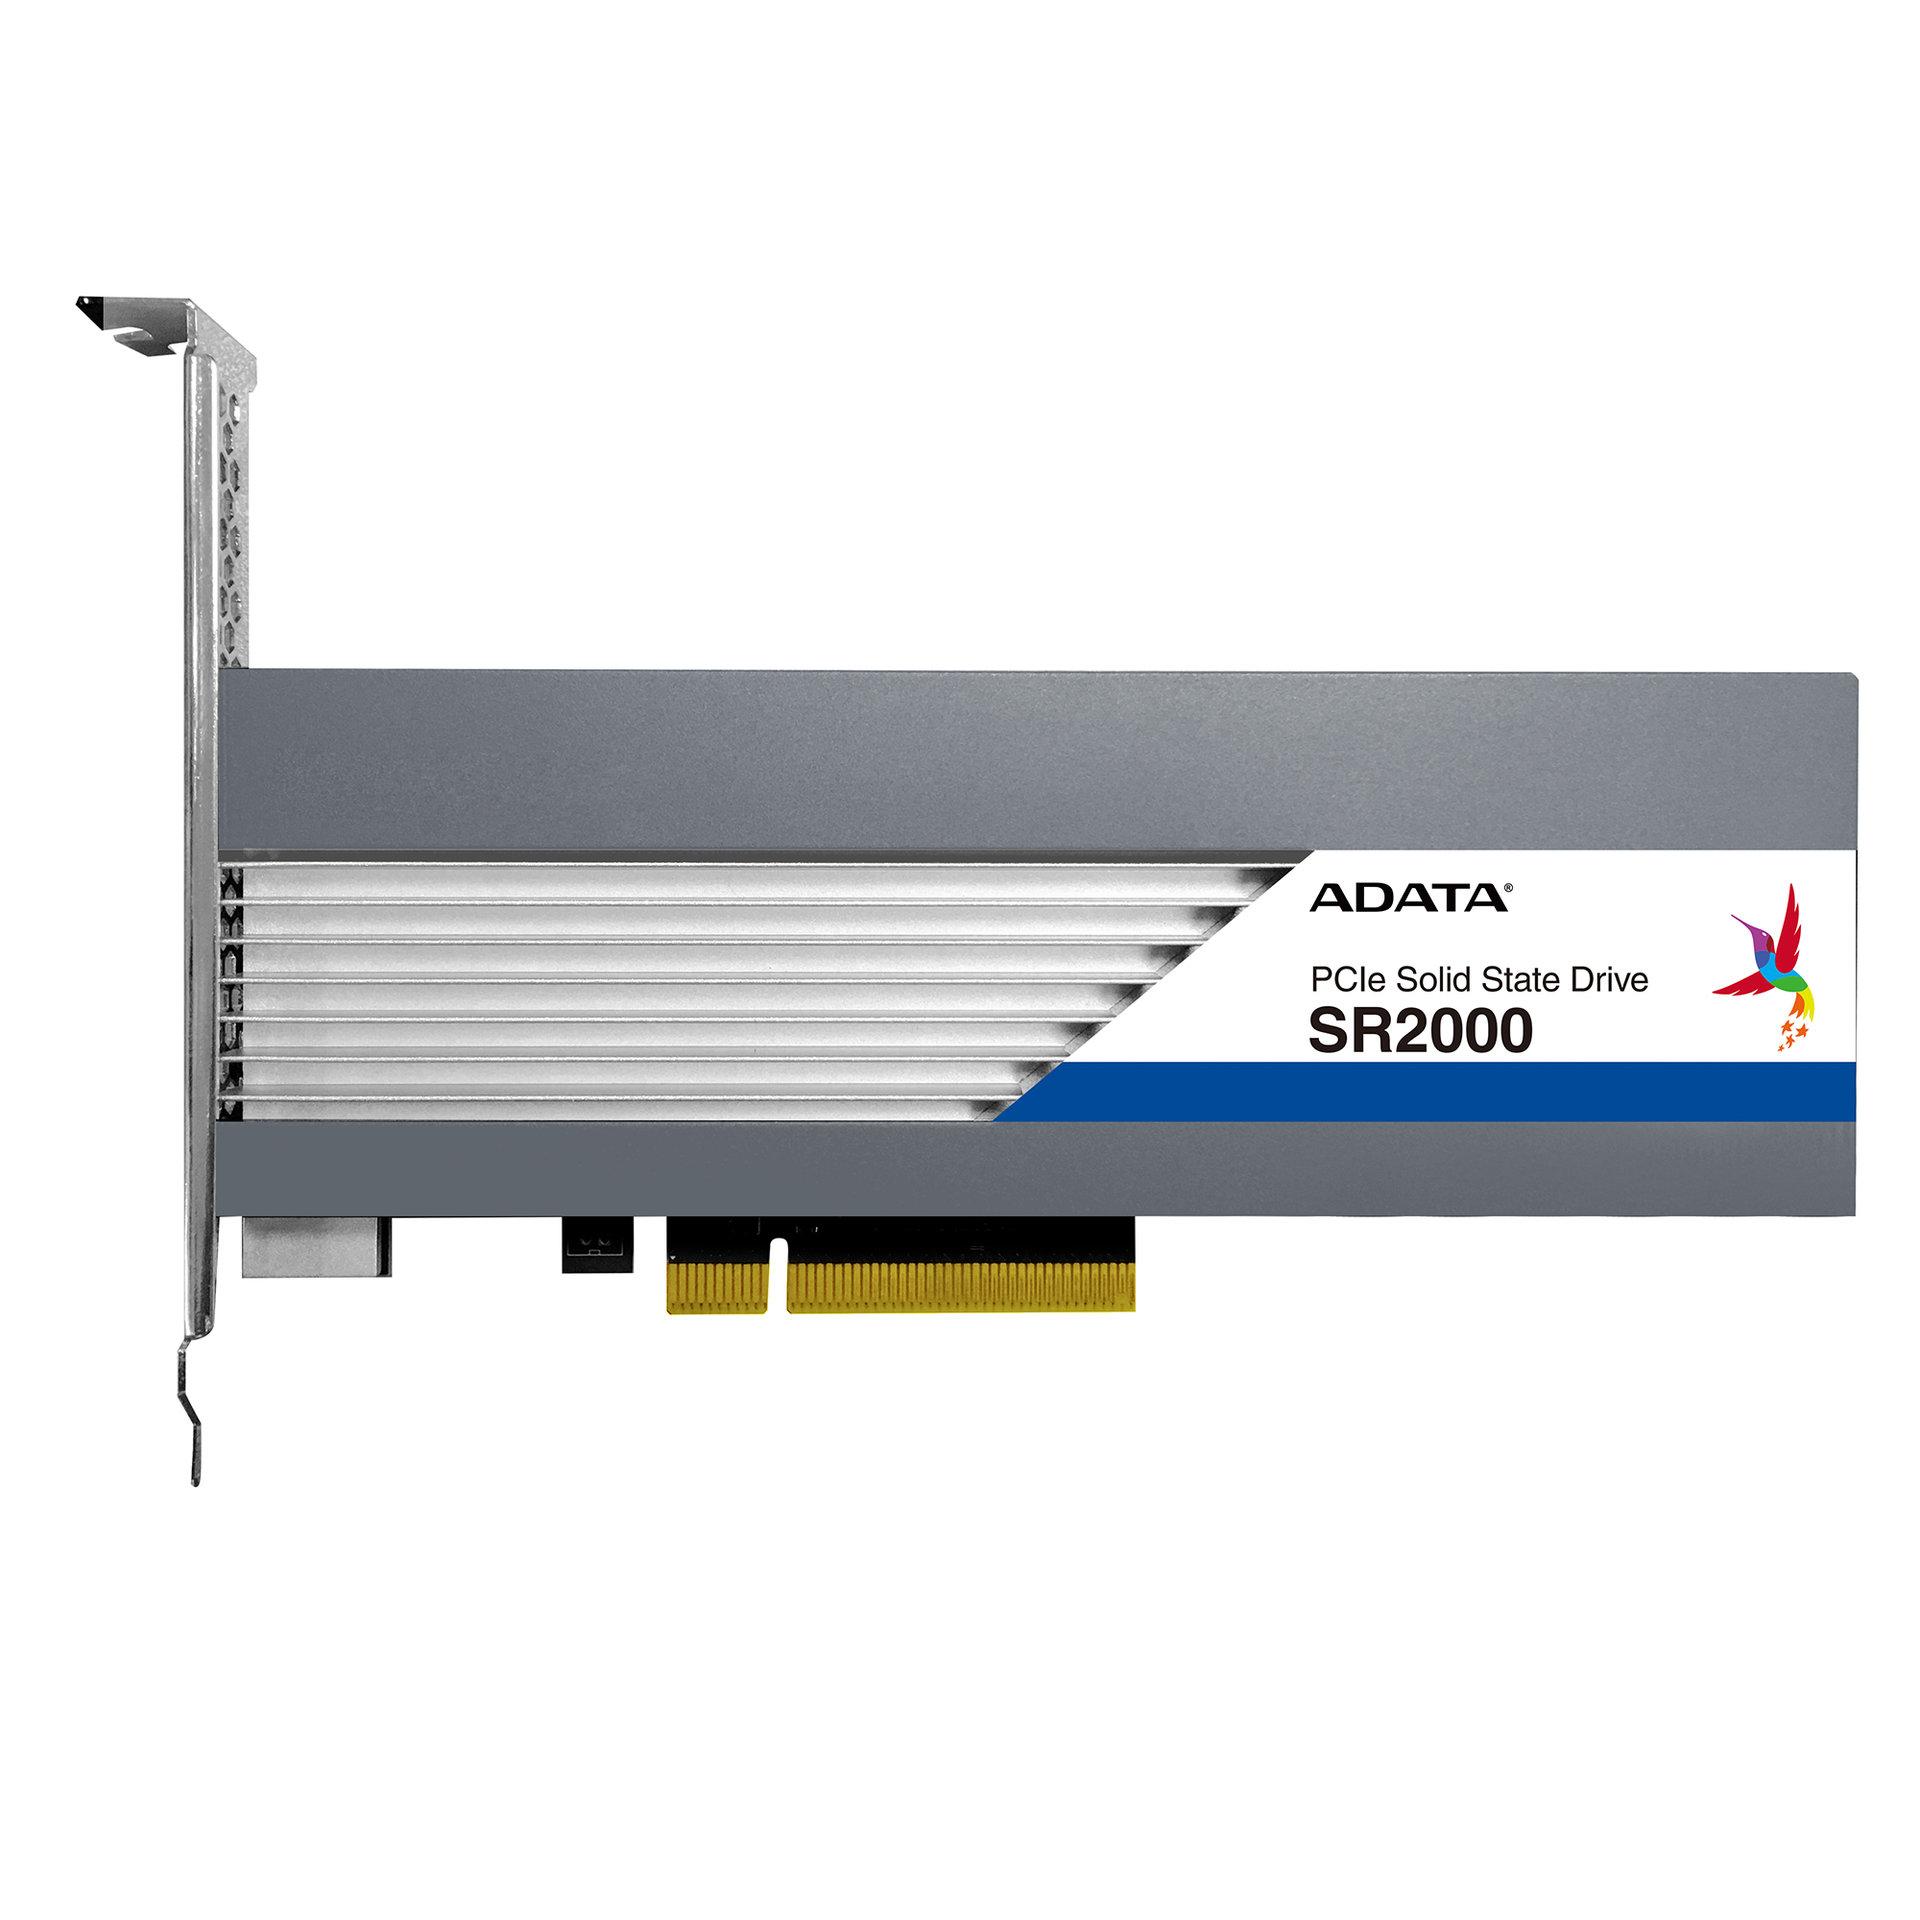 ADATA SR2000 – nowa seria nośników SSD klasy przemysłowej